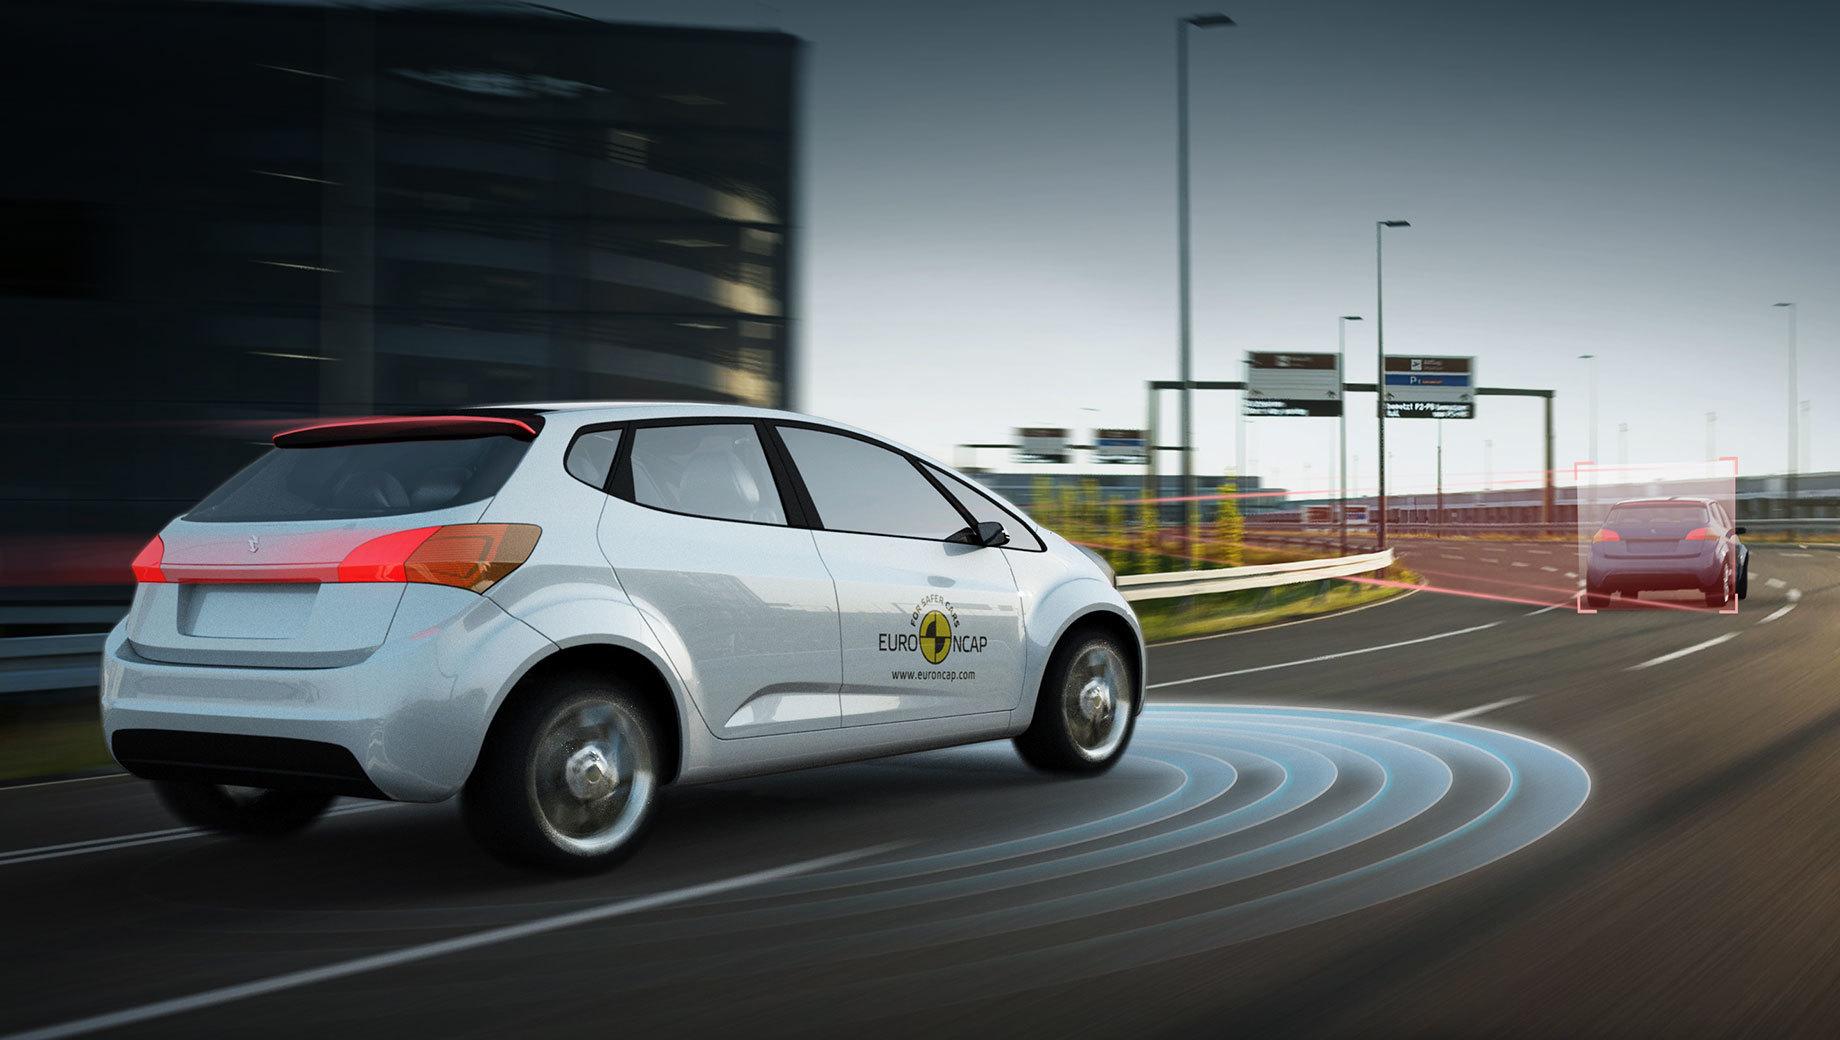 Эксперты Euro NCAP проверили автопилот у десяти моделей